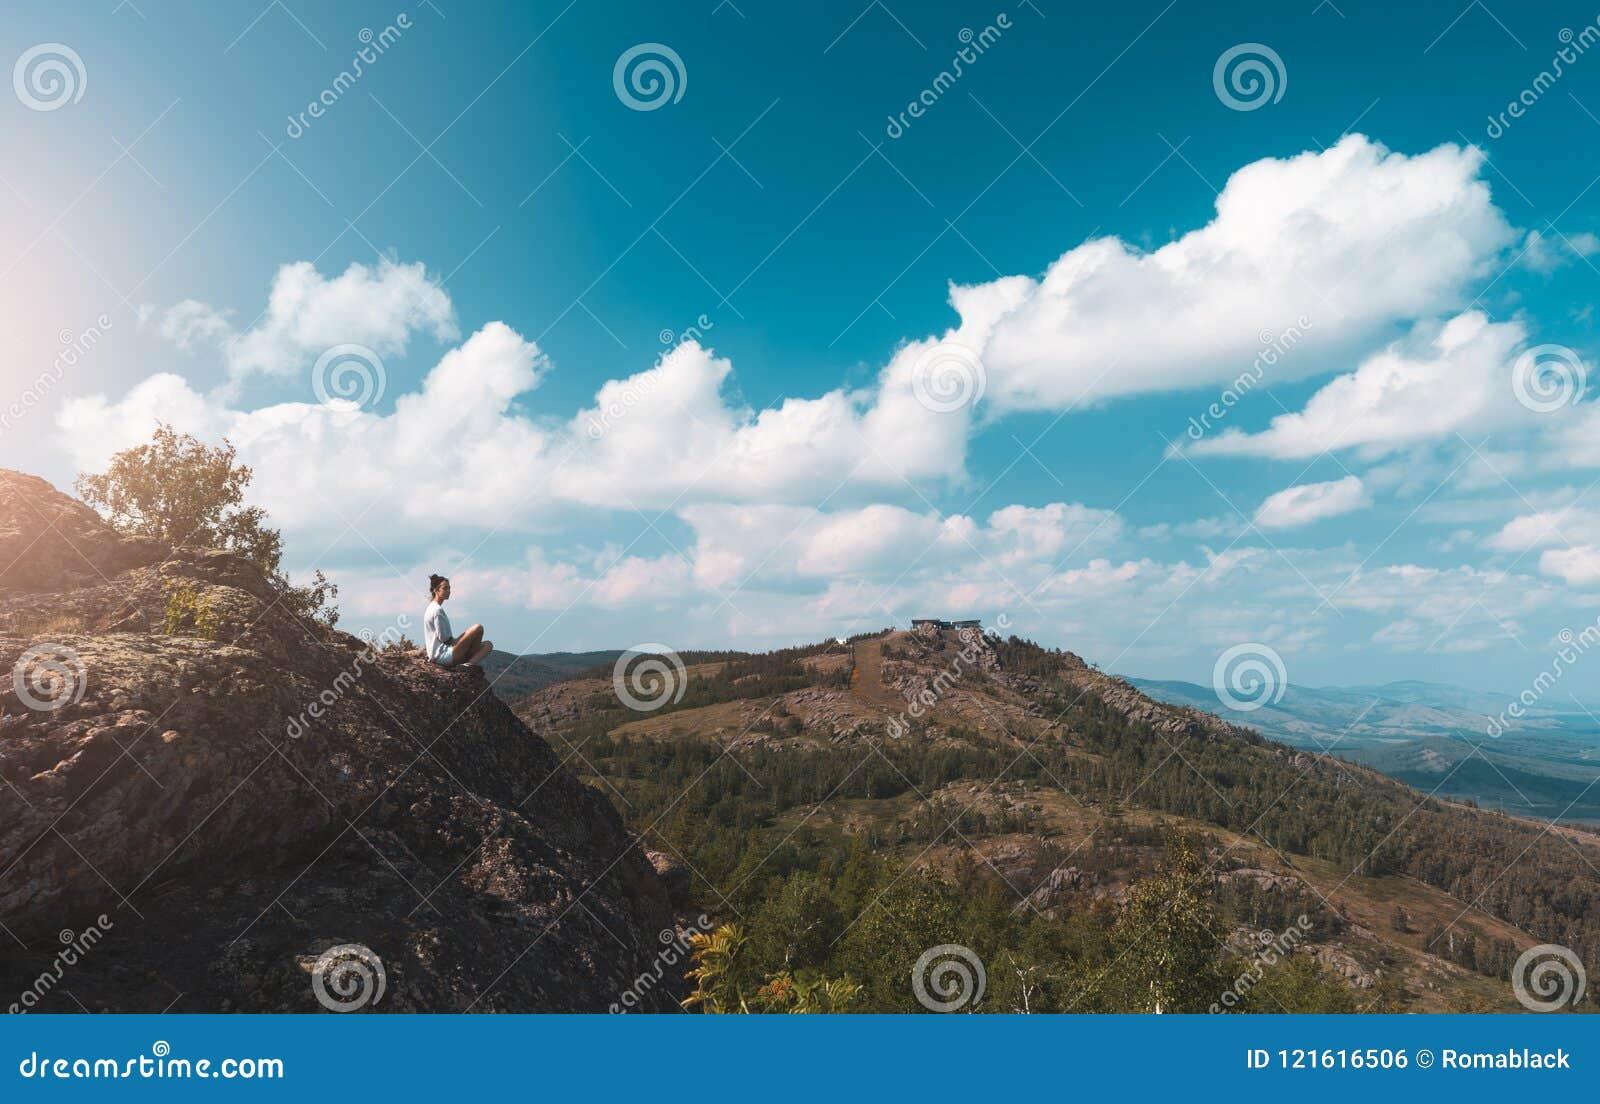 Kobieta fotograf bierze obrazek halny krajobraz na kamerze